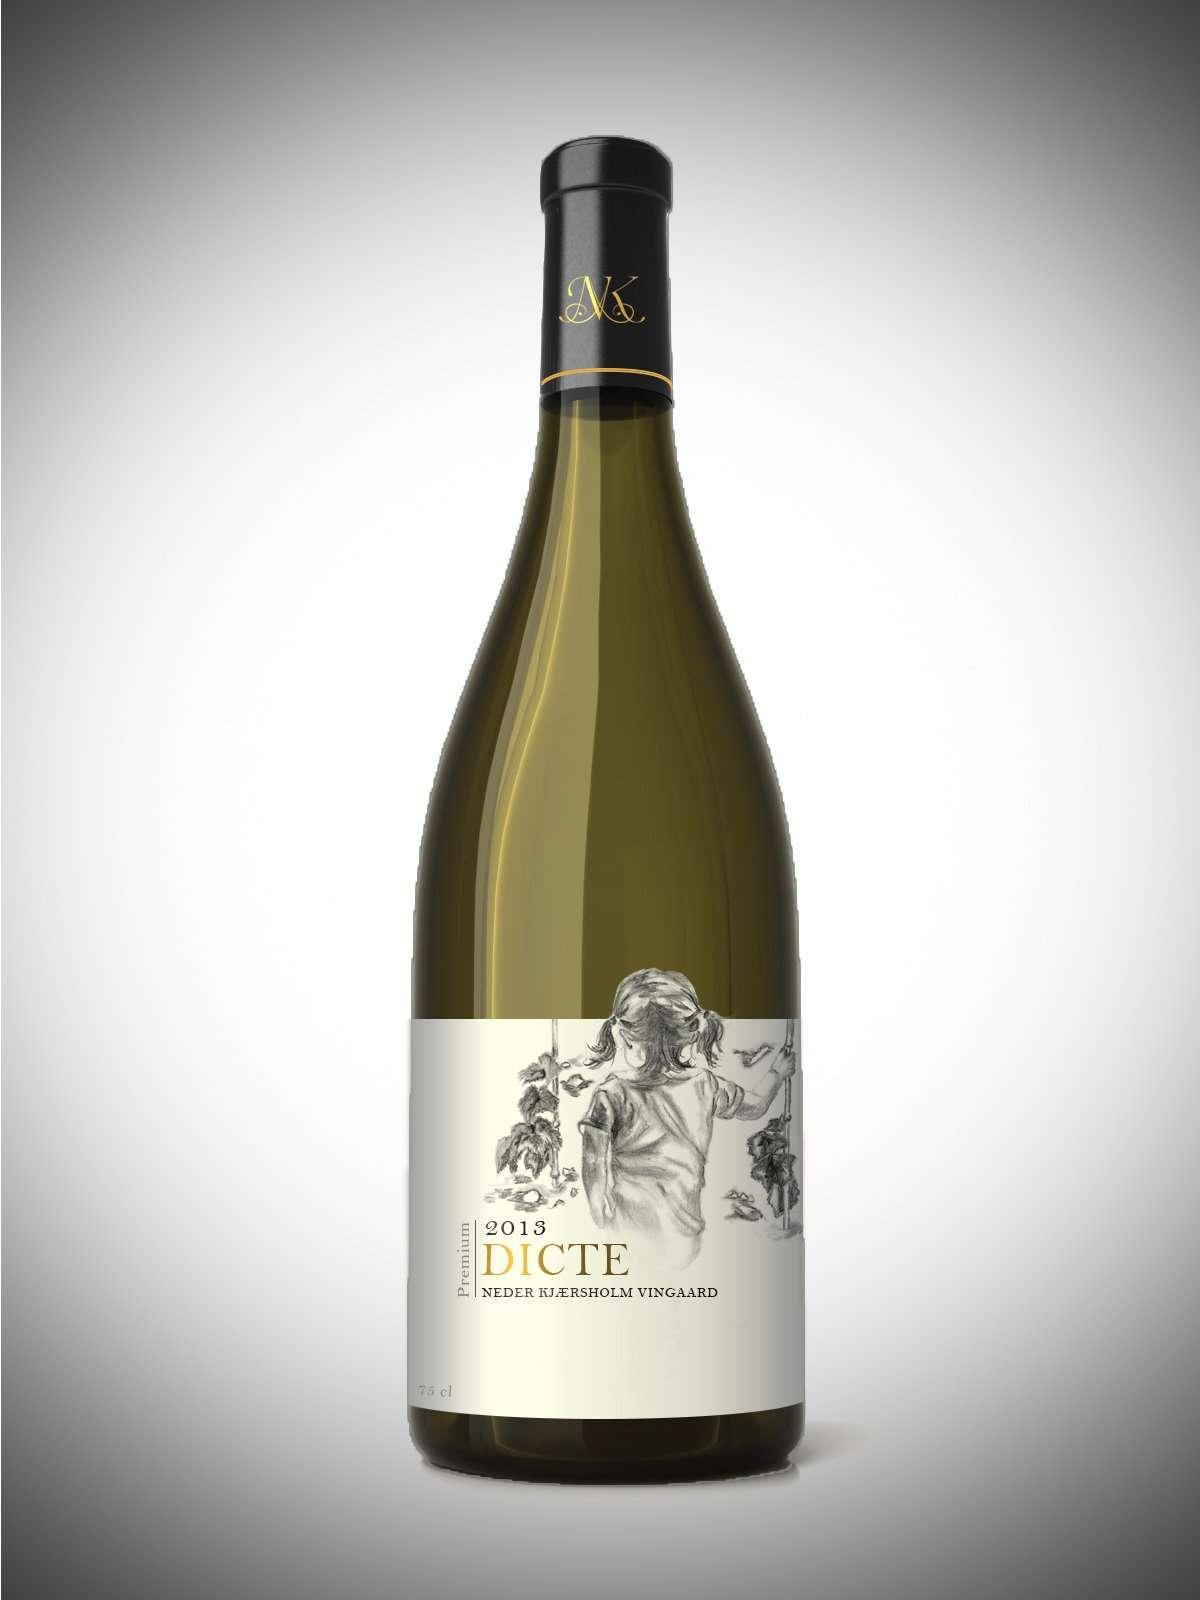 Dicte - dansk hvidvin